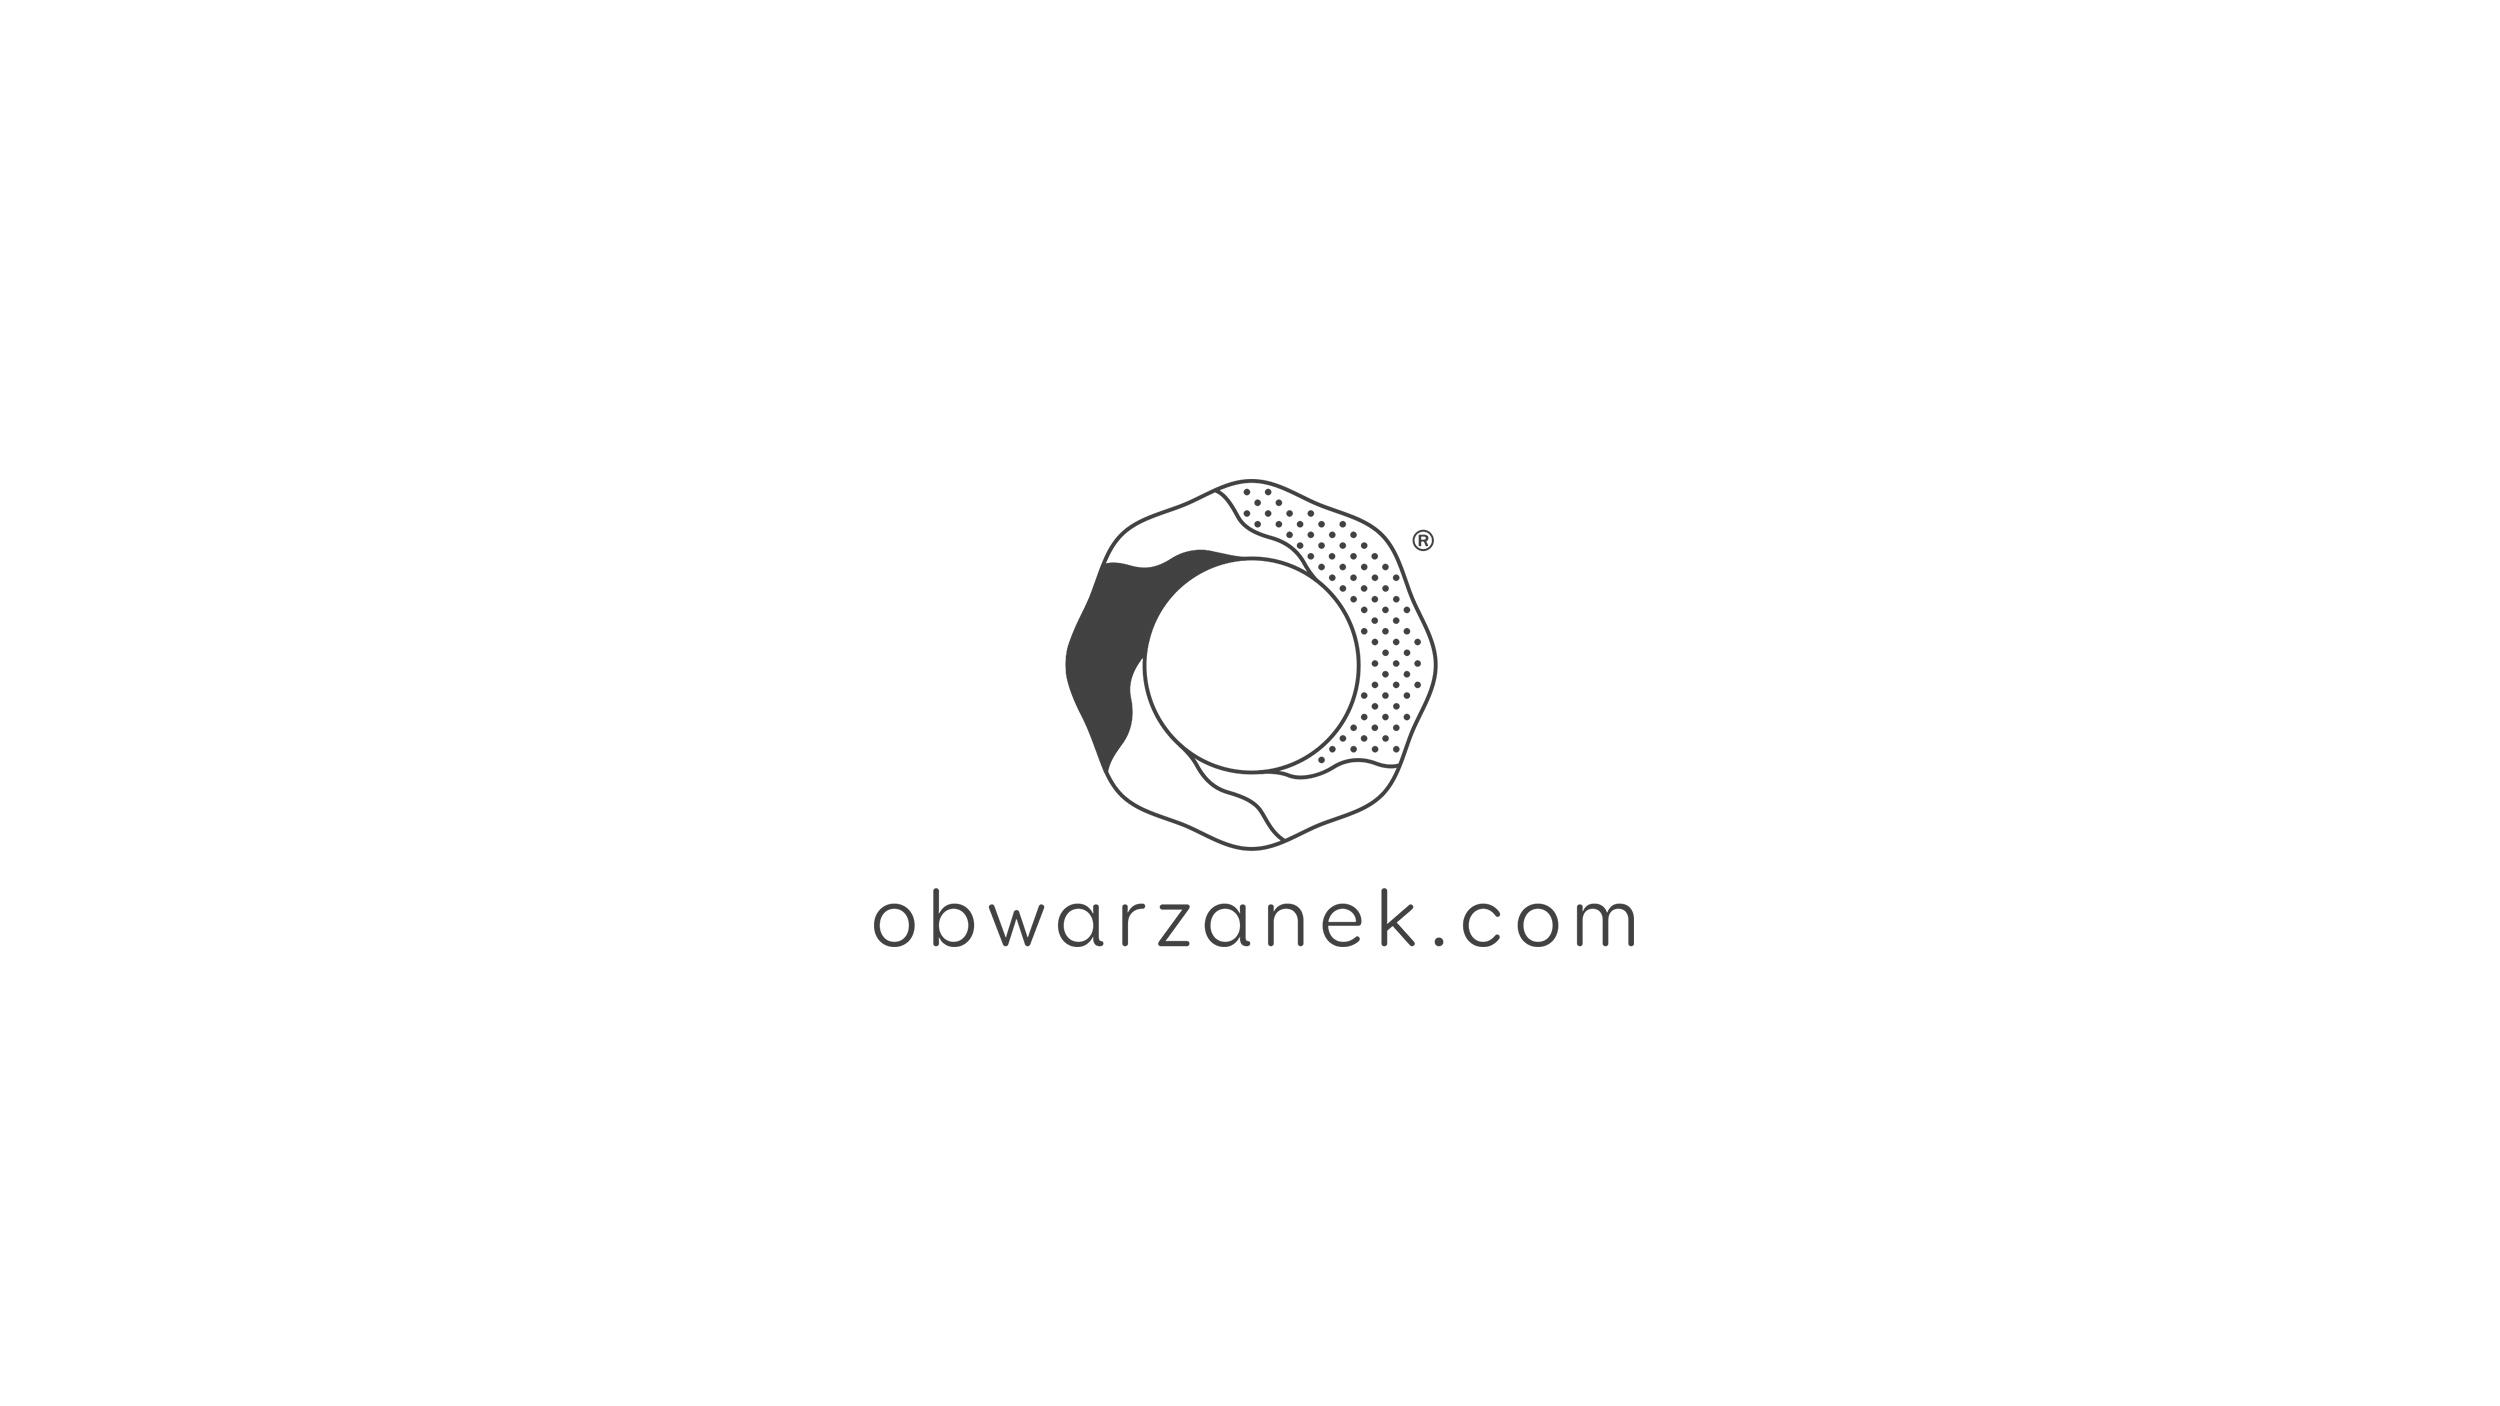 obwarzanek_v_78